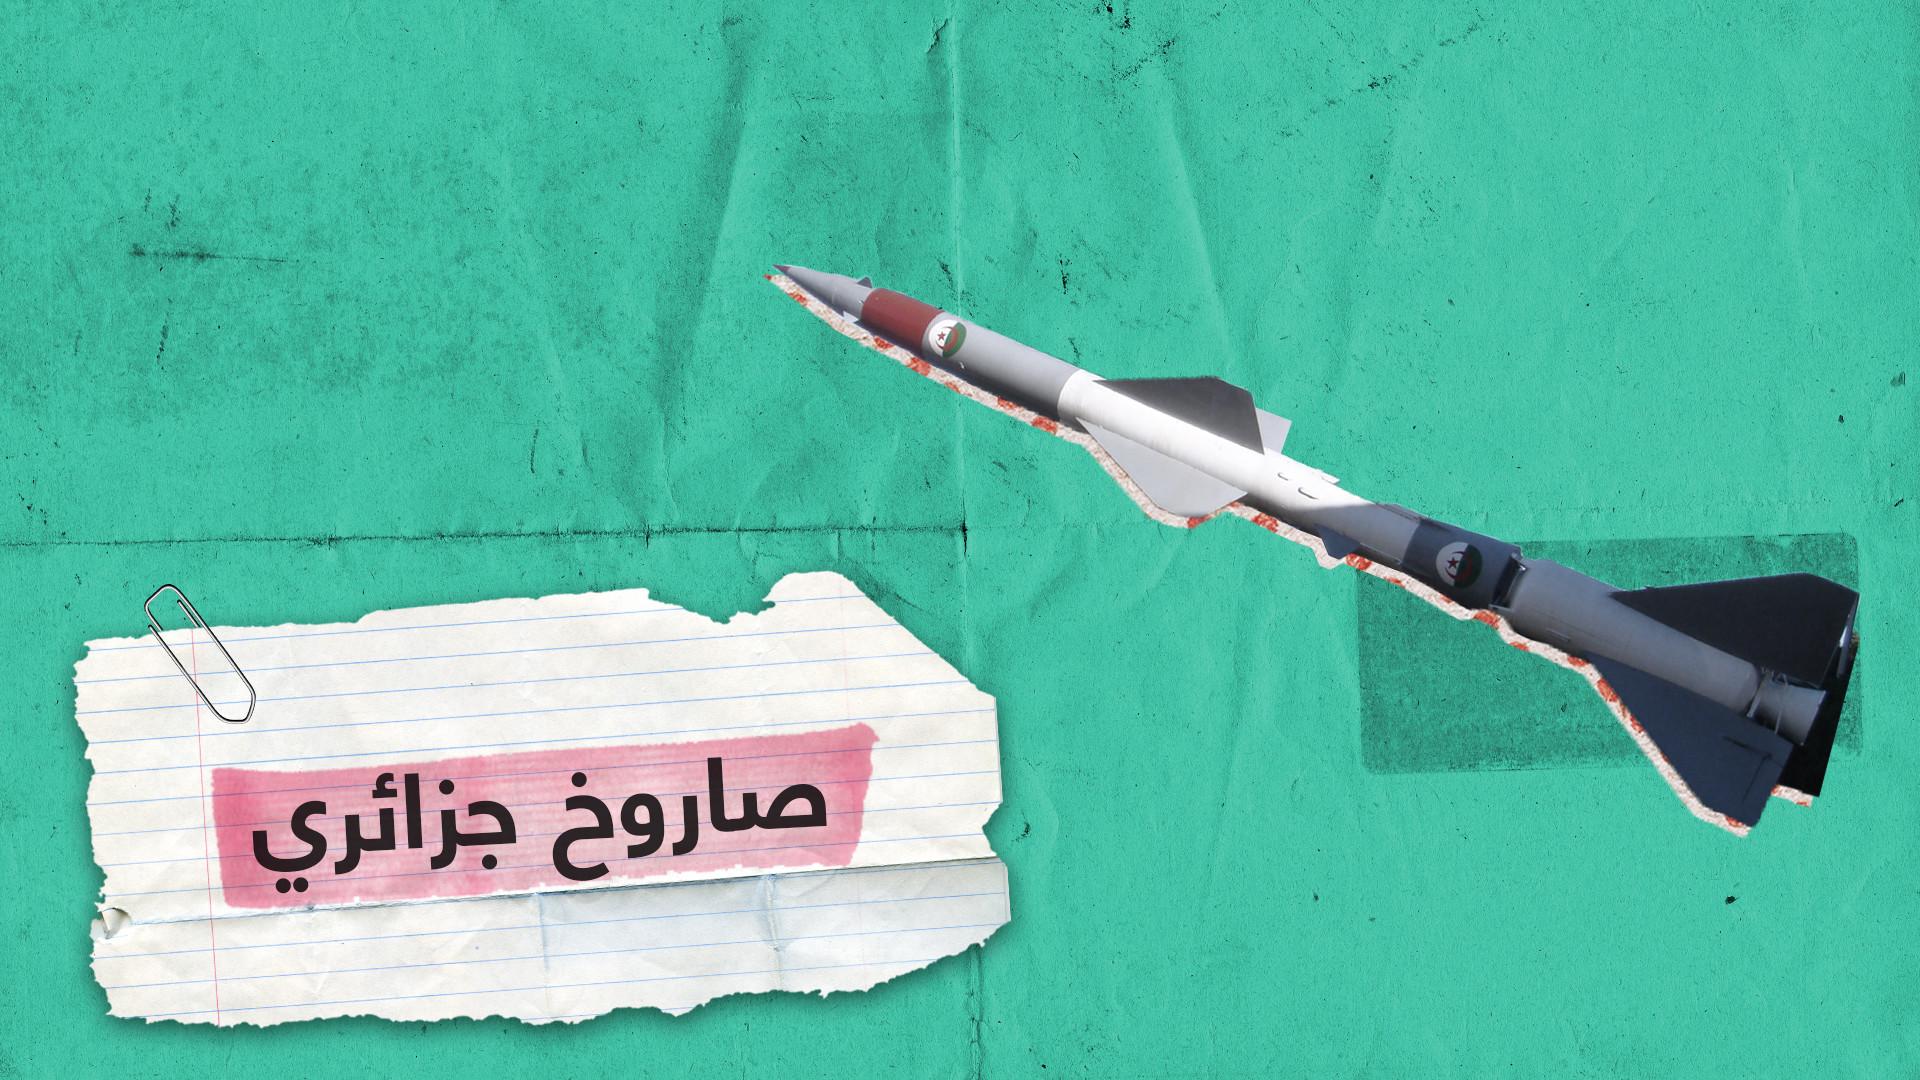 جيش الجزائر يدخل في صناعة الصواريخ والأسلحة الخاصة